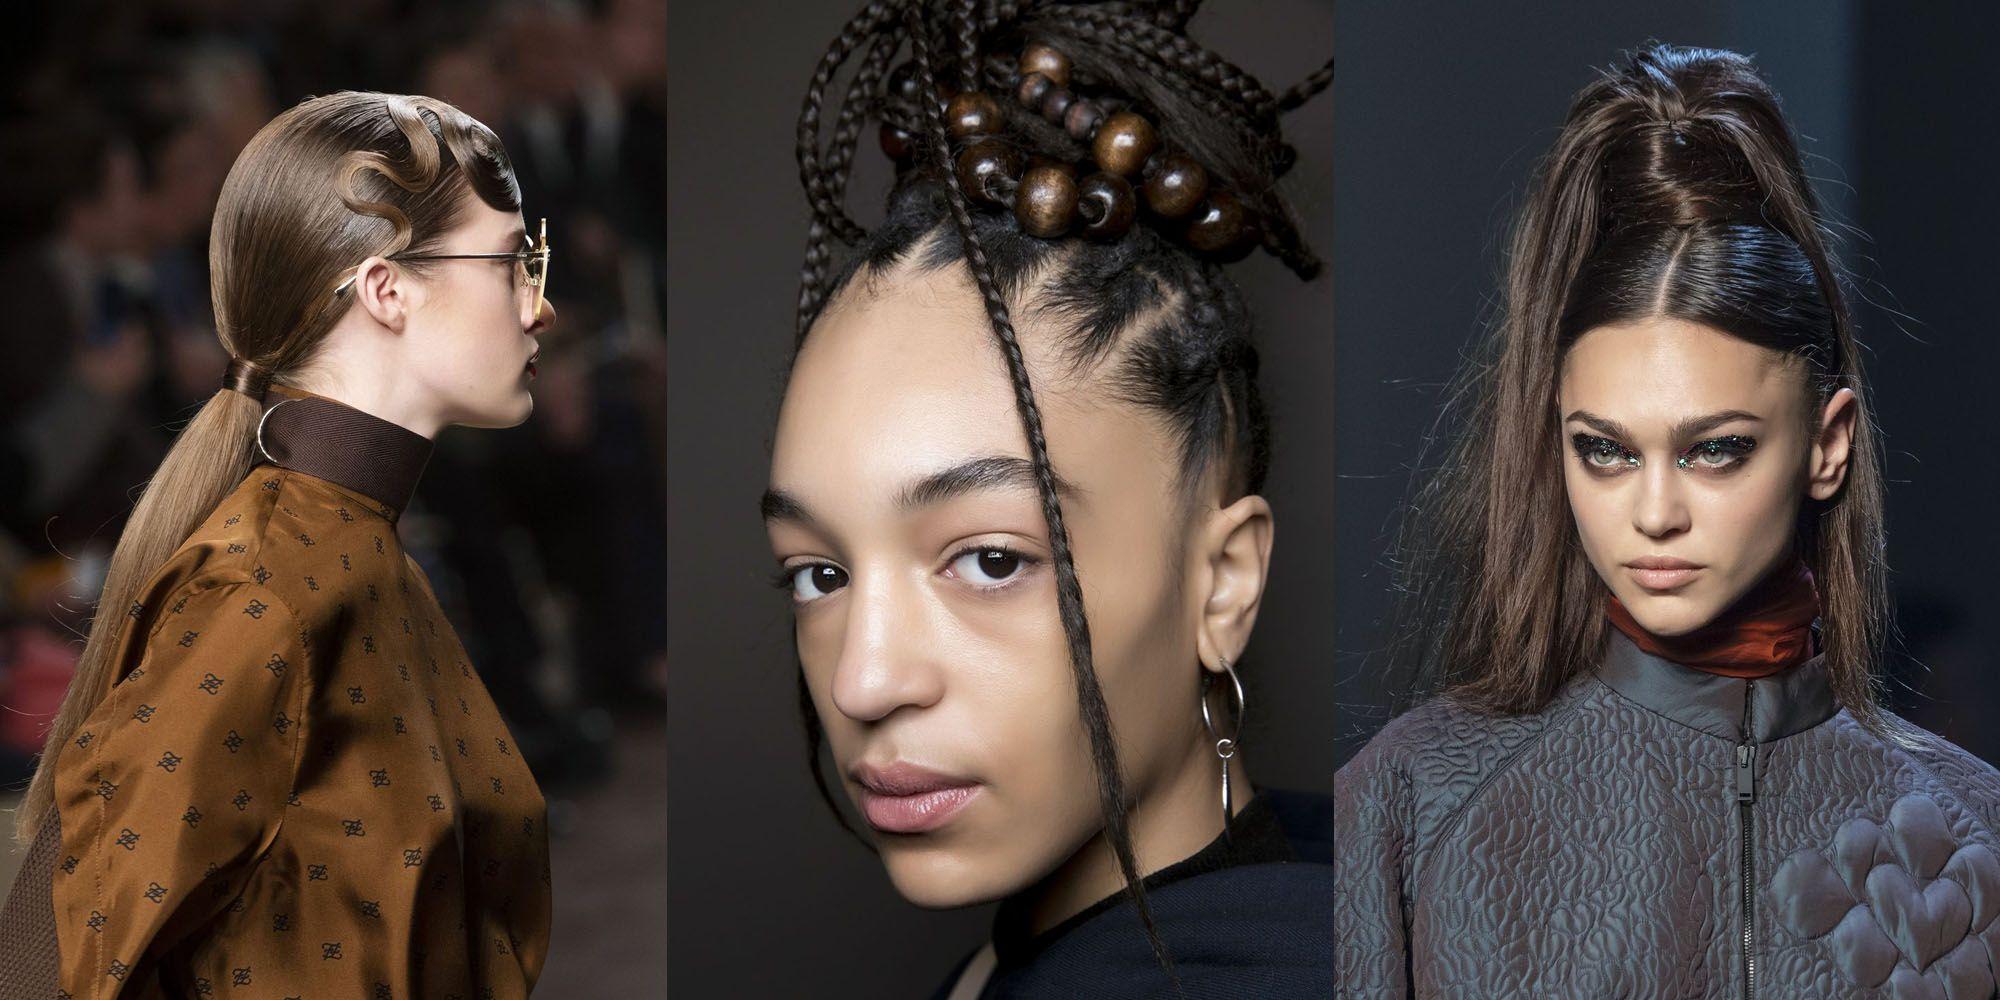 Goede De beste kapsels voor lang haar in winter 2019/2020 PX-96